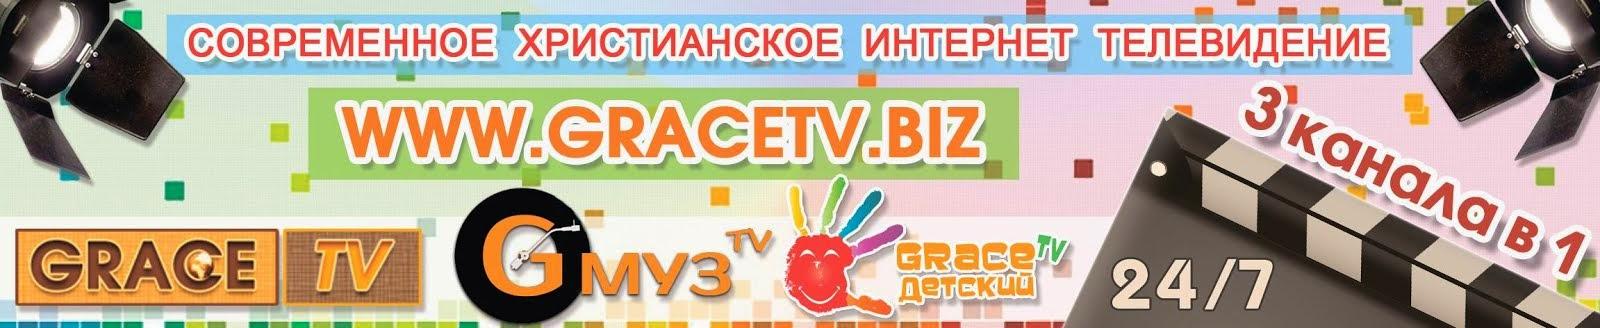 Христианское интернет телевидение GRACE TV